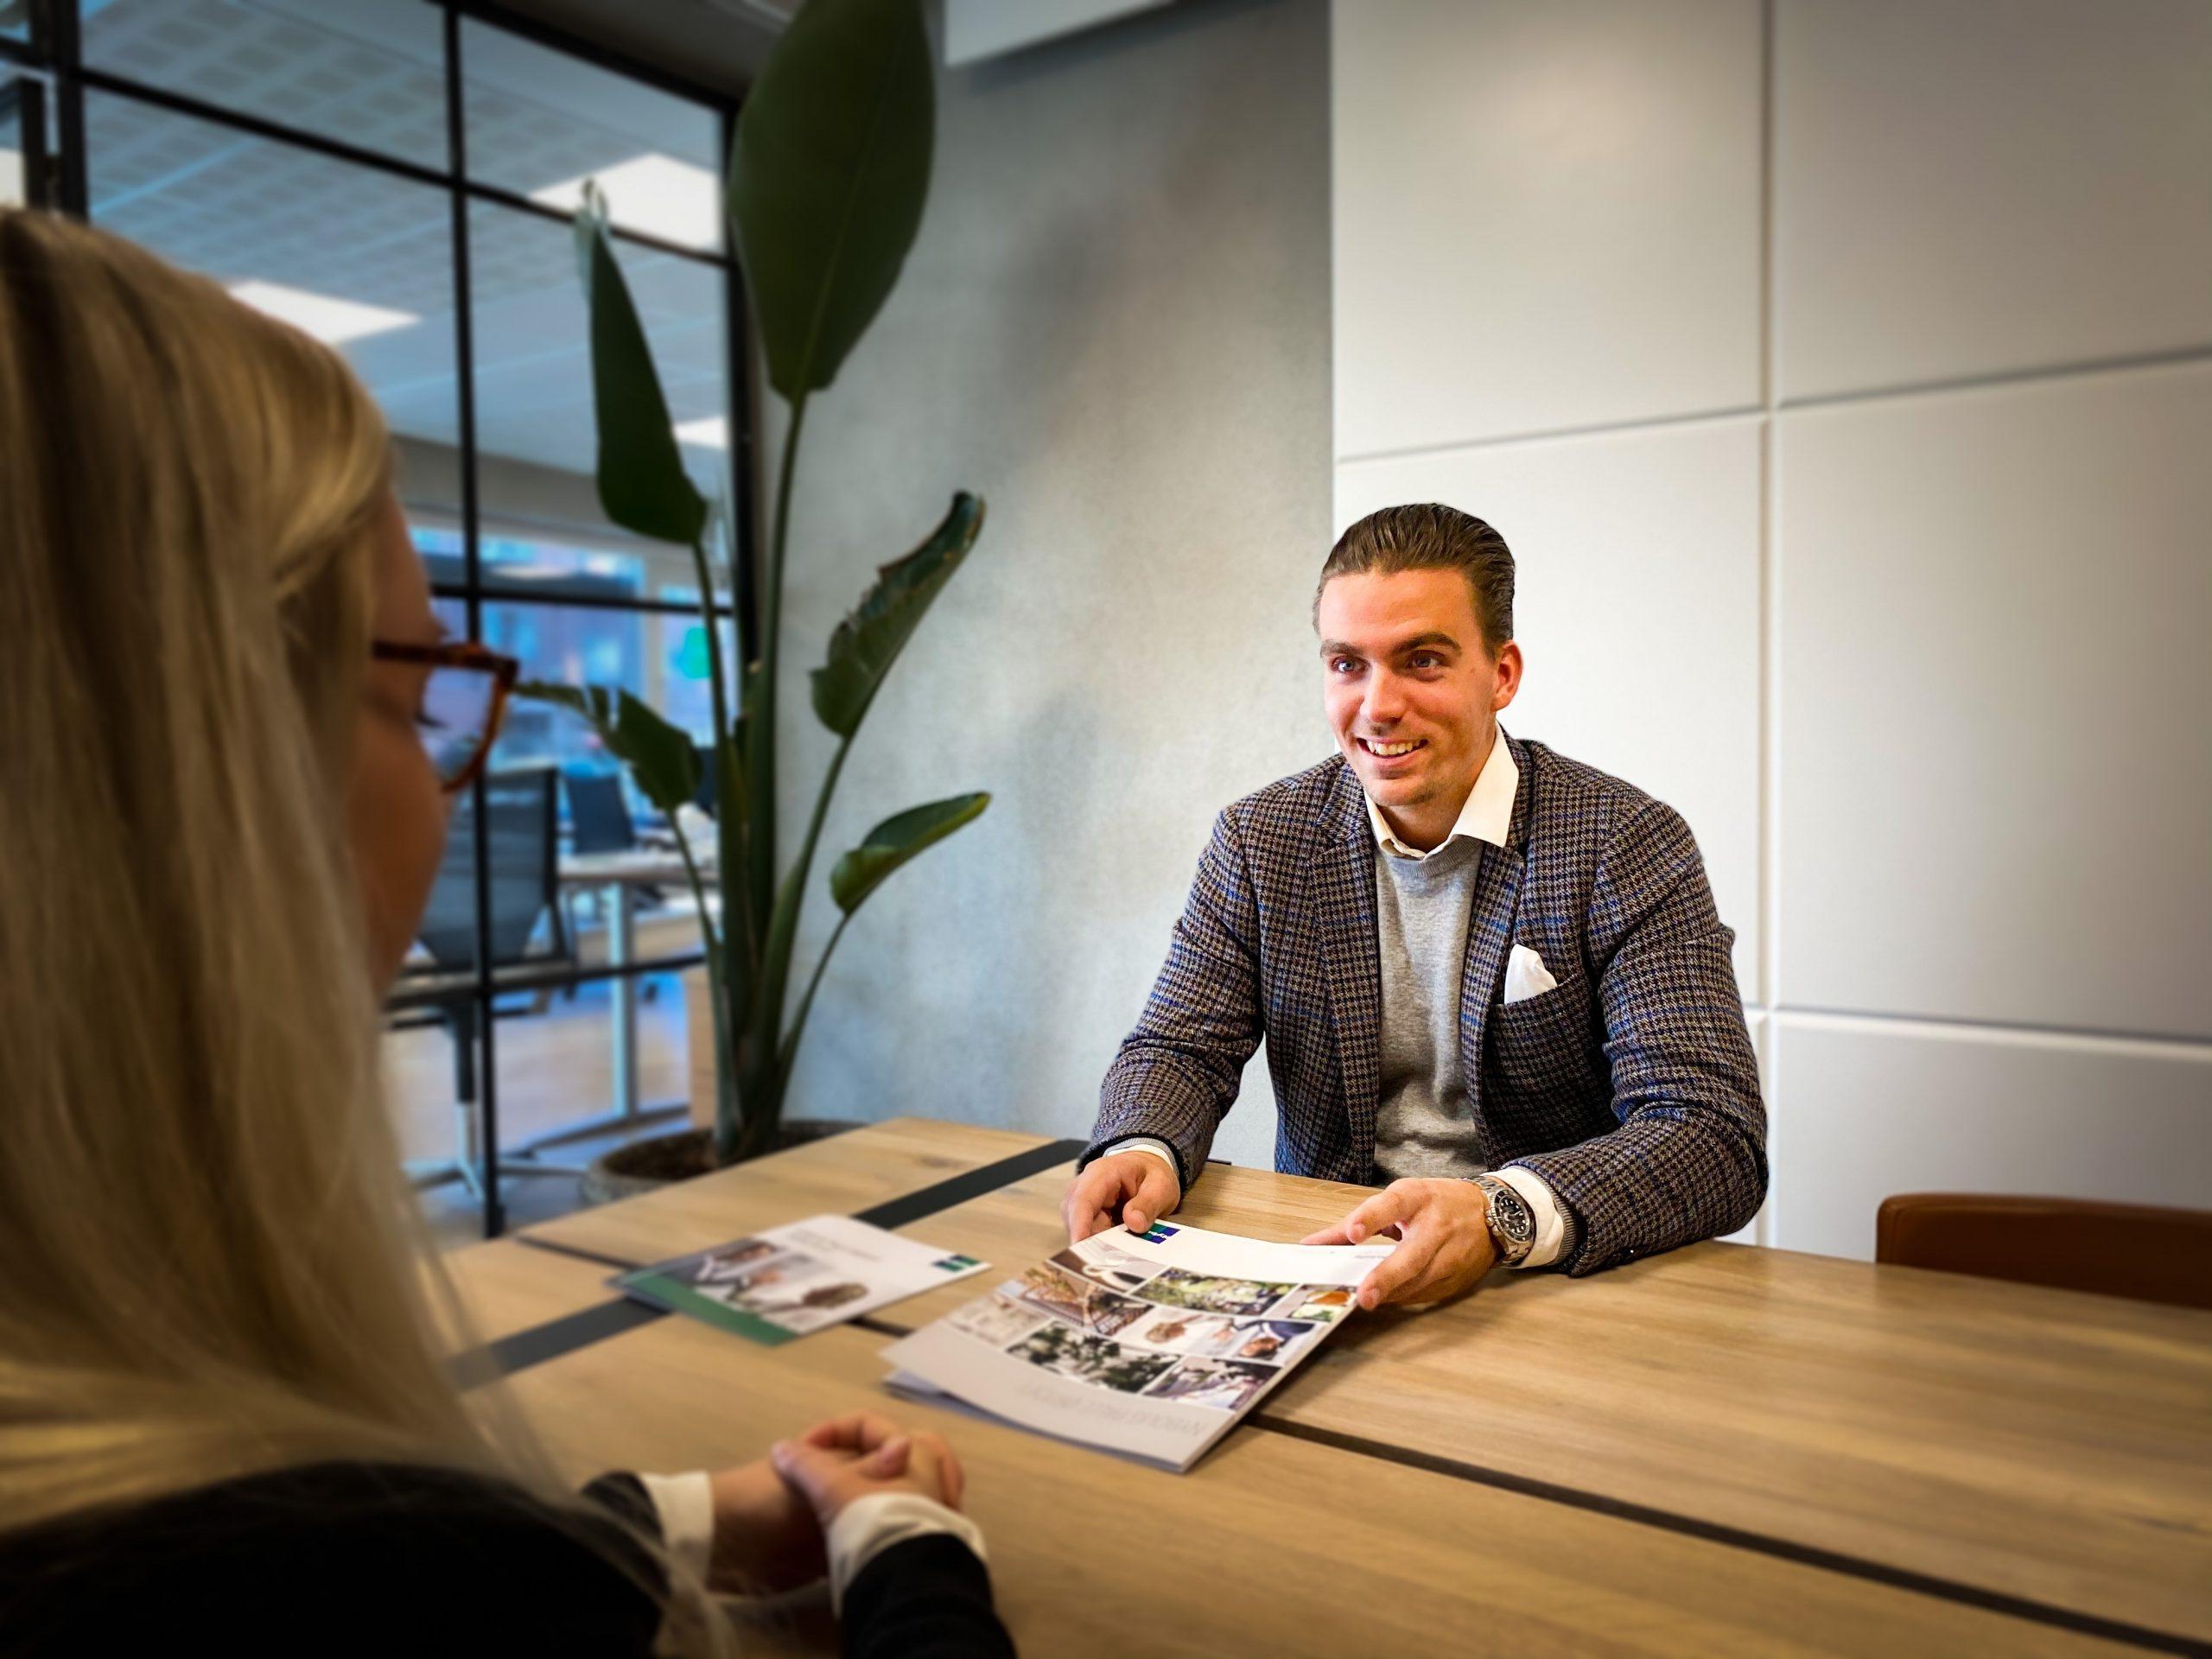 Rift om boligerne i Aalborg: Ejendomsmægler holder stor vurderingsweekend